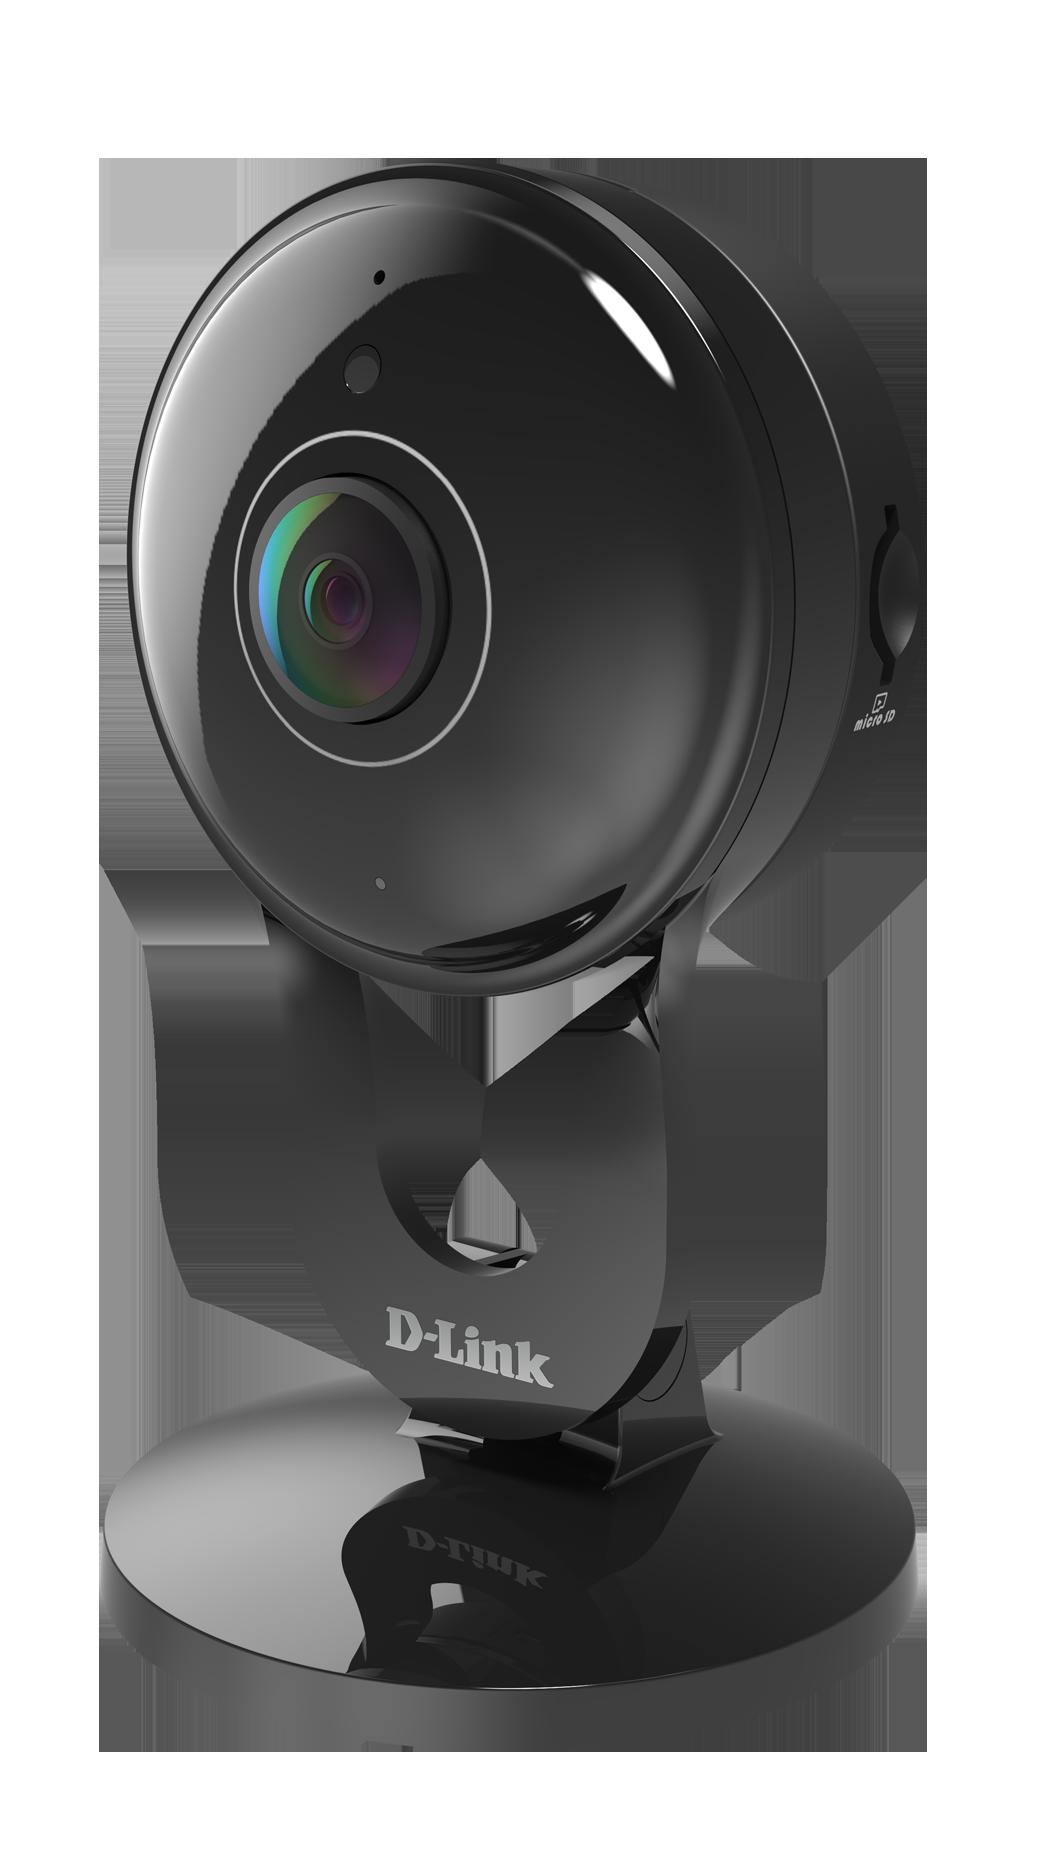 D-Link DCS-2210L Network Camera Download Drivers